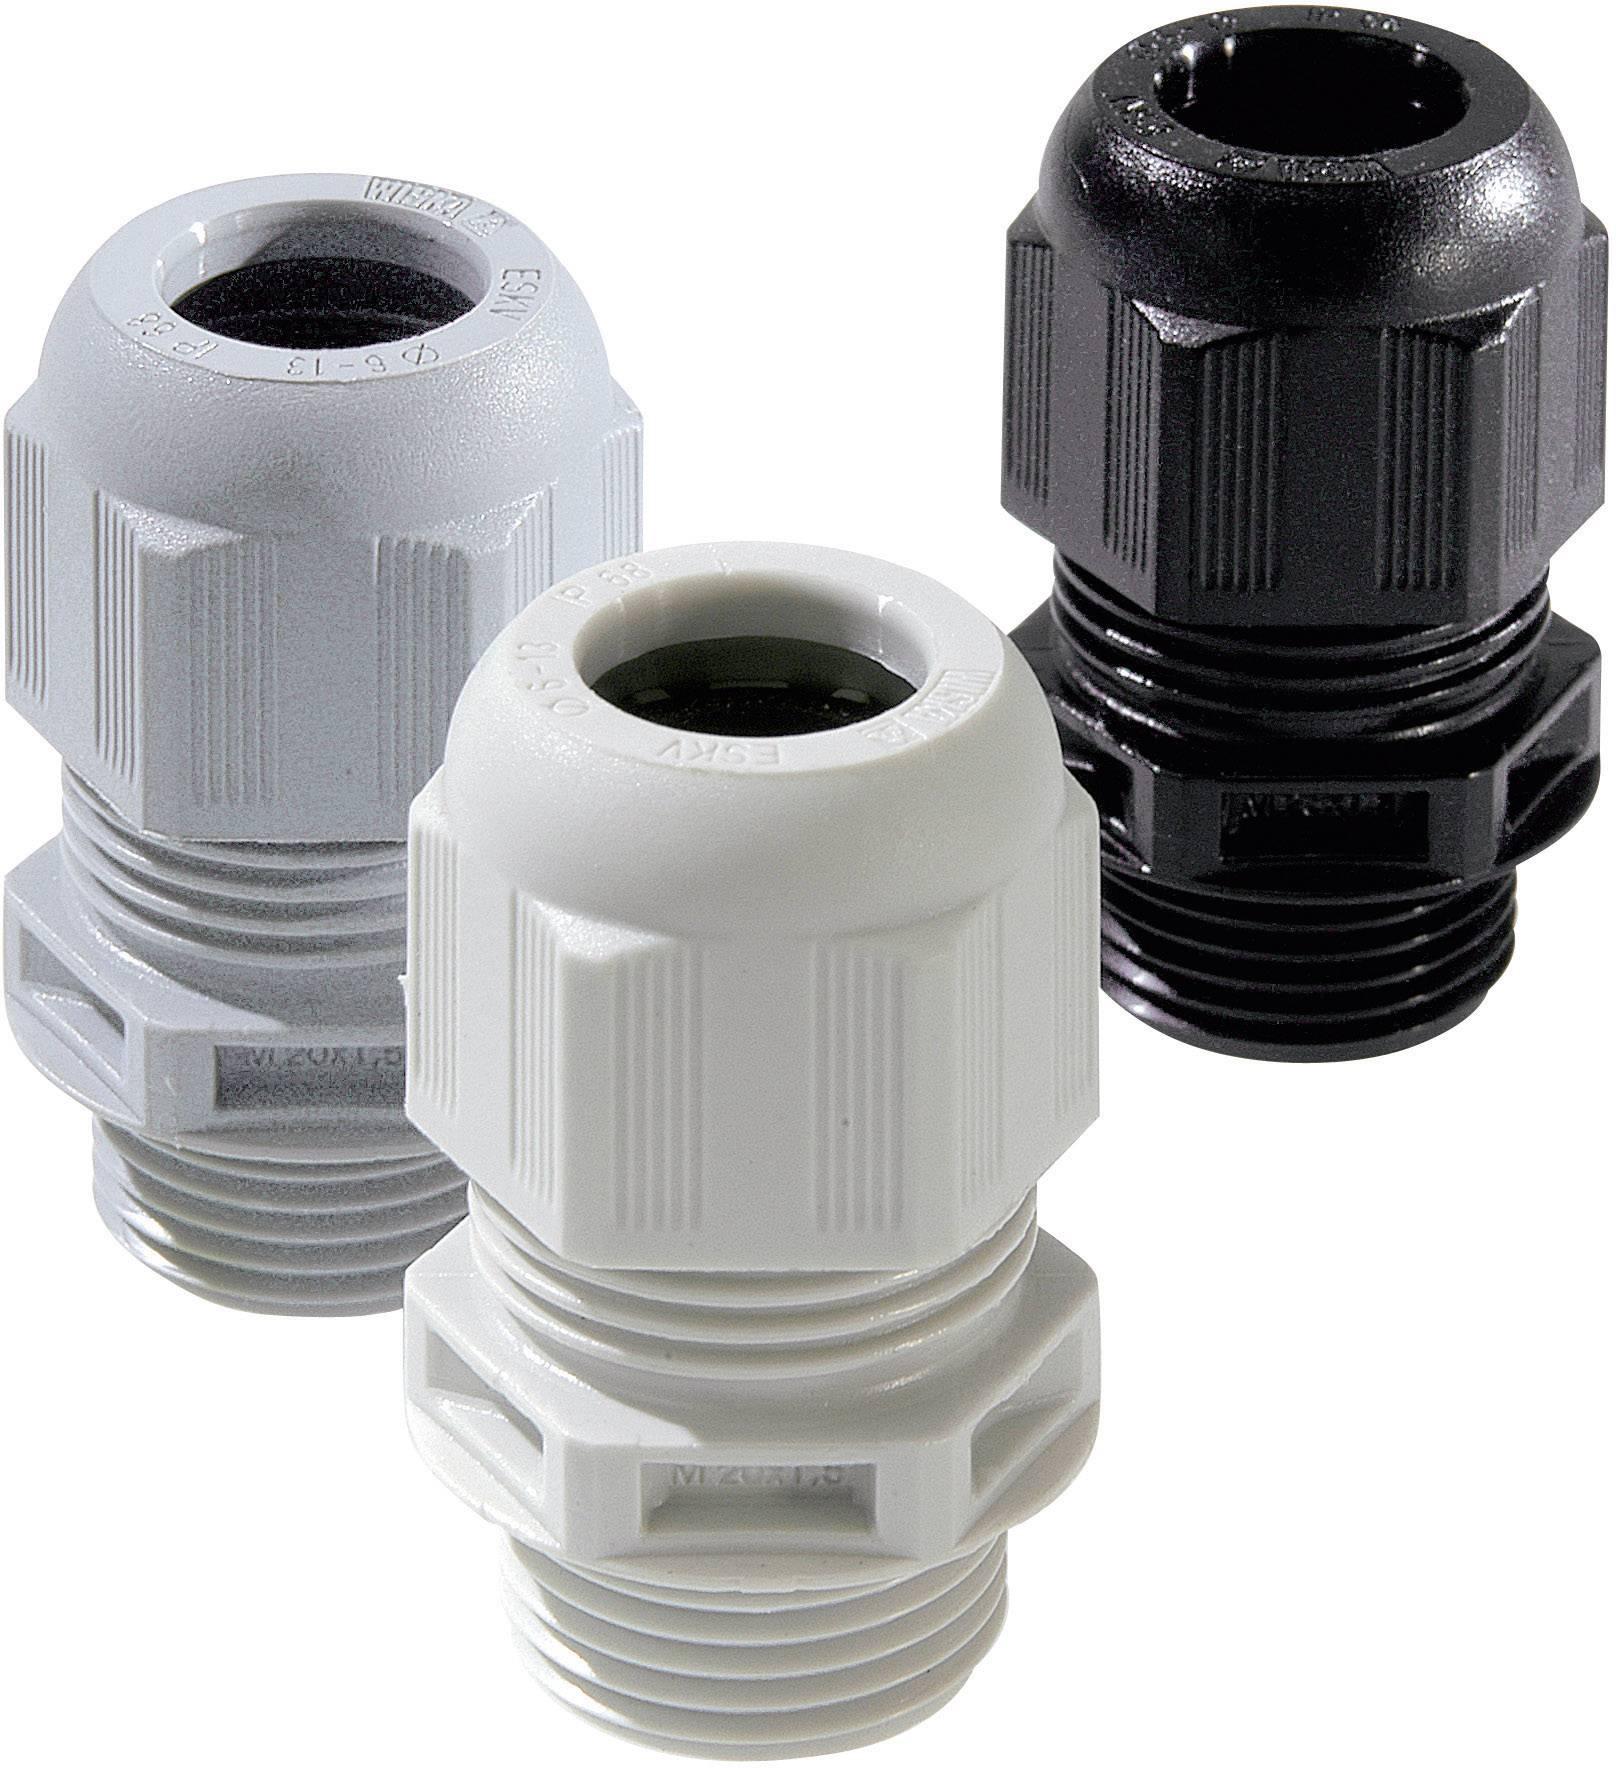 Káblová priechodka Wiska ESKV M20 RAL 7001, polyamid, striebornosivá, 1 ks